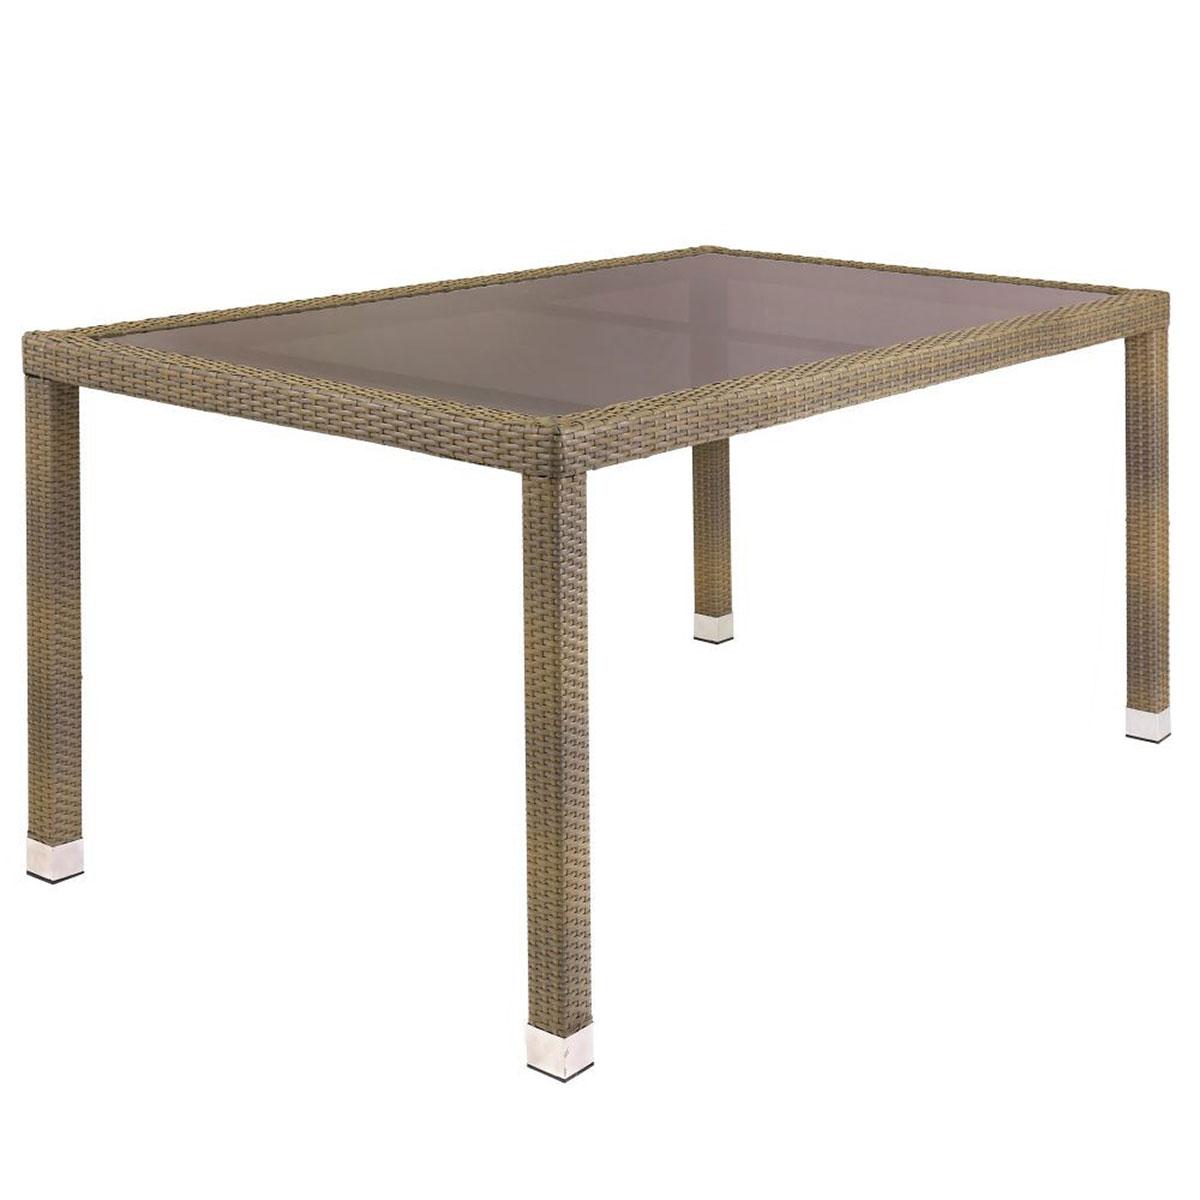 Table de jardin en rotin et verre - Taupe - 160.00 cm x 90.00 cm x 76.00 cm